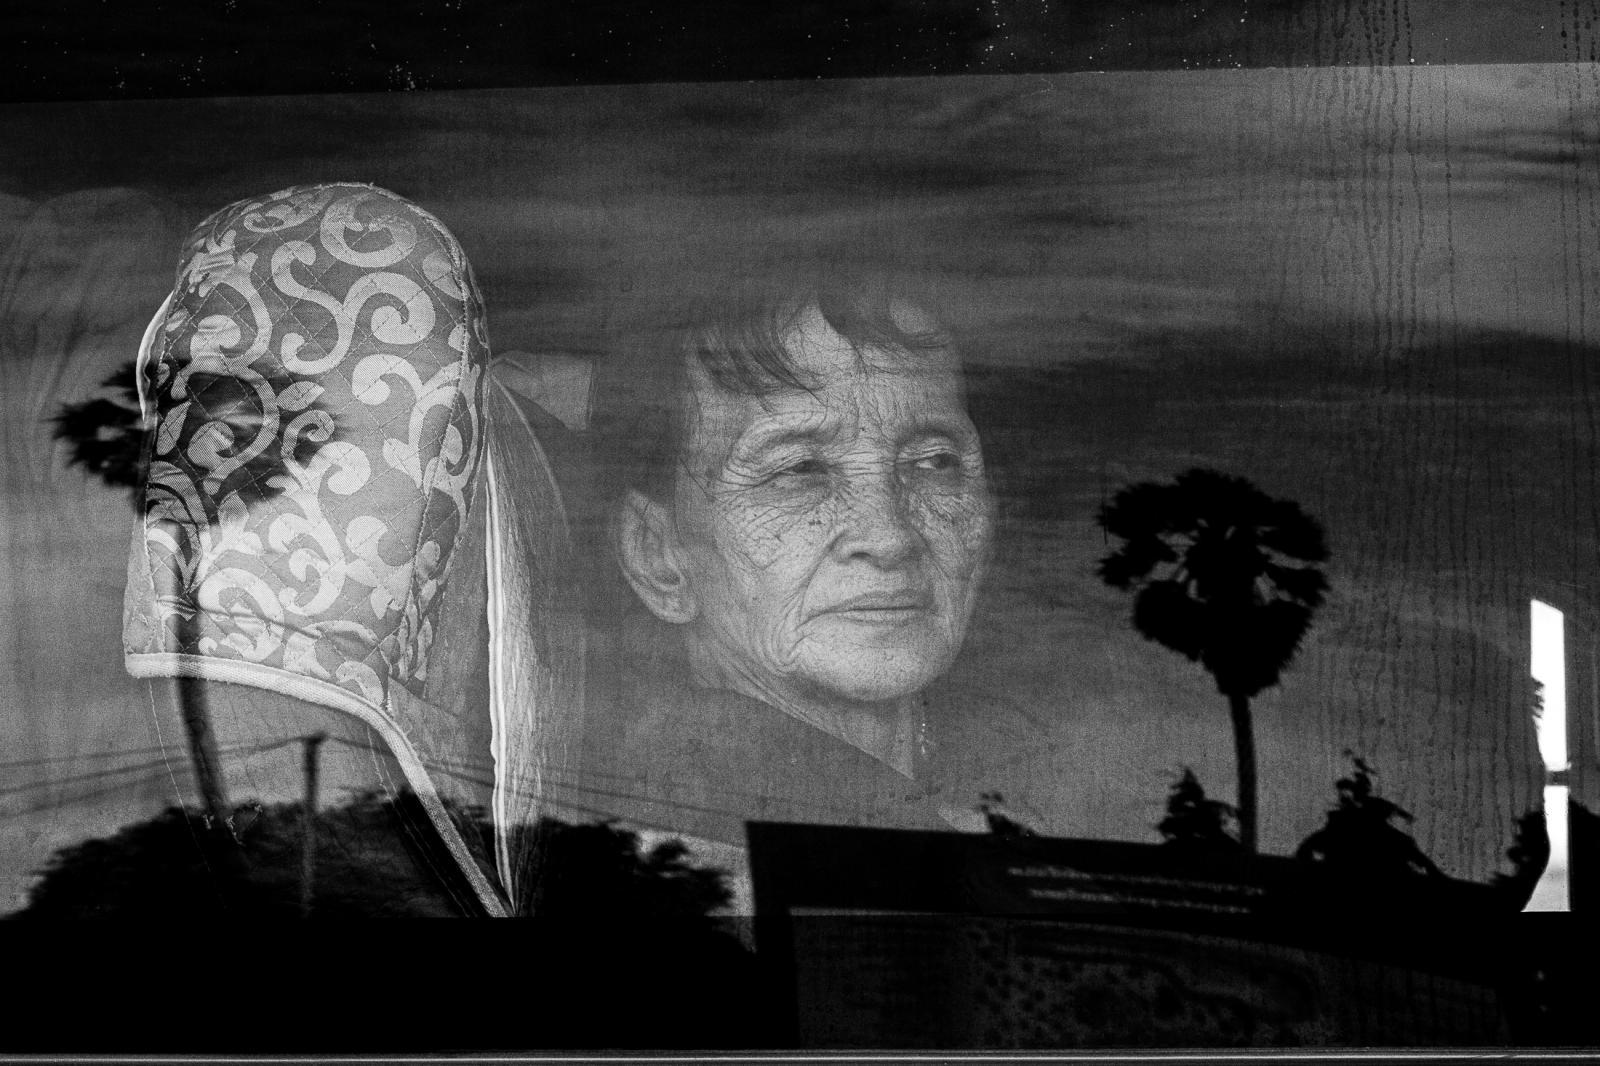 Photography image - Loading 003_Khmer-Rouge-Tribunal-Cambodia-Omar-Havana.jpg